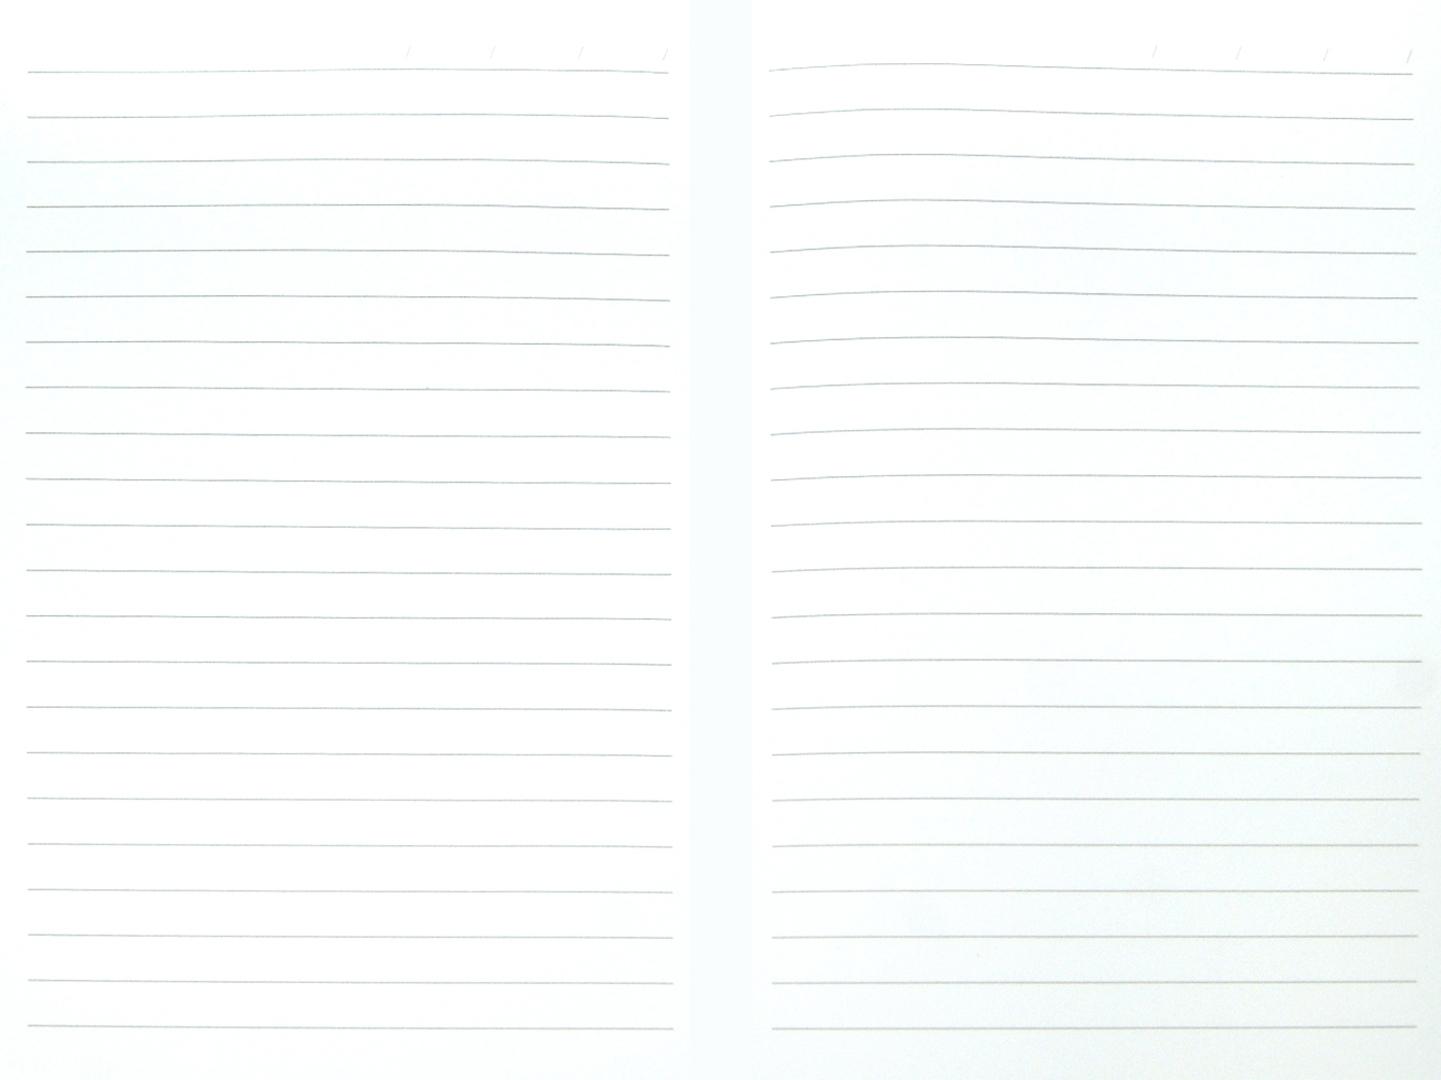 Иллюстрация 1 из 14 для Ежедневник недатированный (А5, 192 страницы, белый) (35900-18)   Лабиринт - канцтовы. Источник: Лабиринт